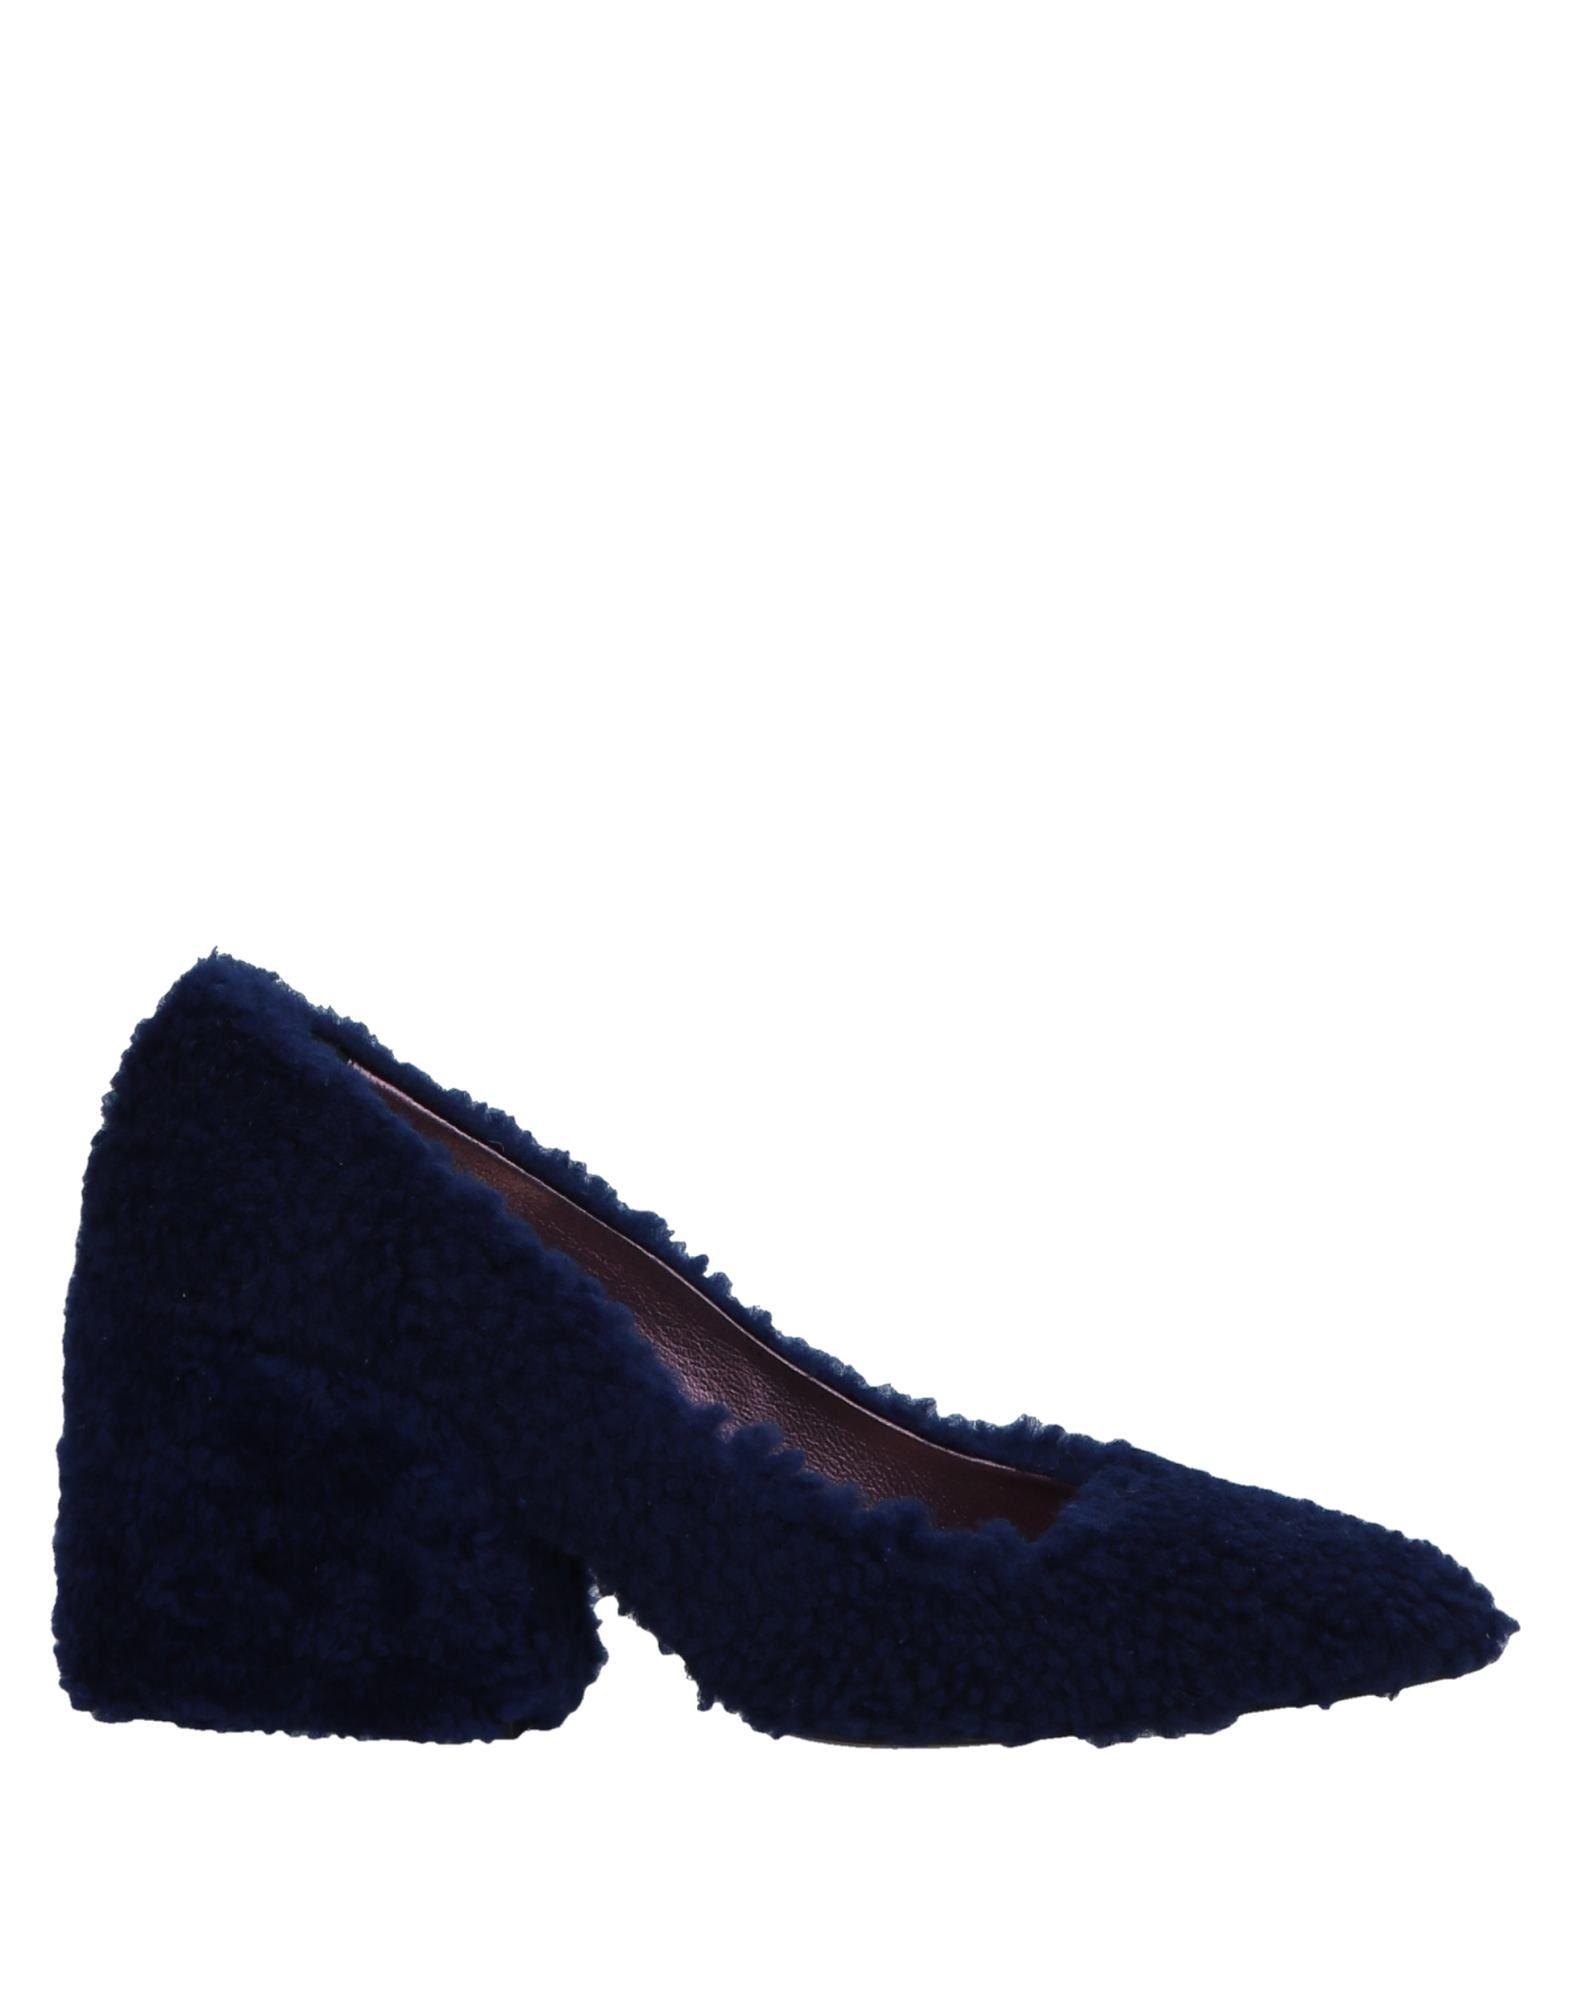 Escarpins Ras Femme - Escarpins belle Ras Bleu Confortable et belle Escarpins 2198ac